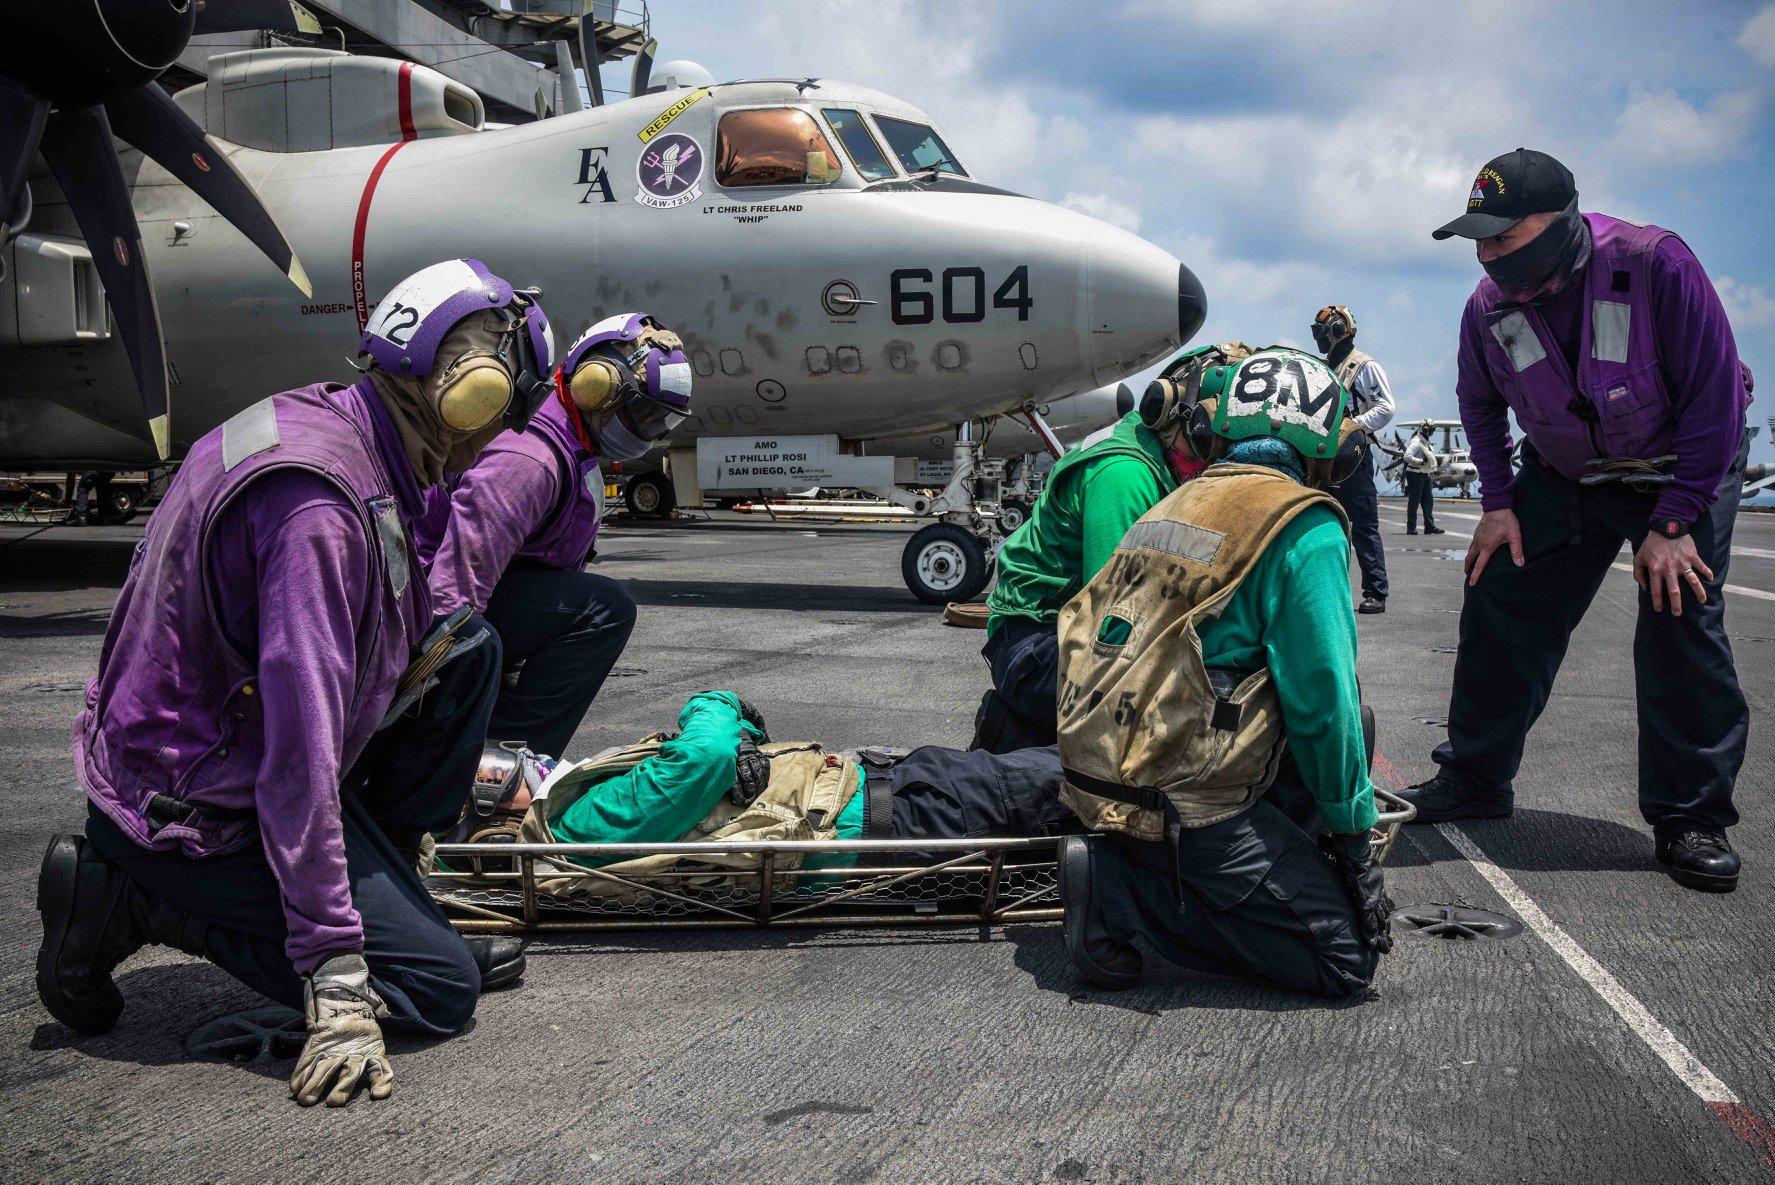 美國海軍「列根號」航母10月7日首次於南中國海模擬「大規模傷亡演習」。(圖源自美國太平洋艦隊Facebook)